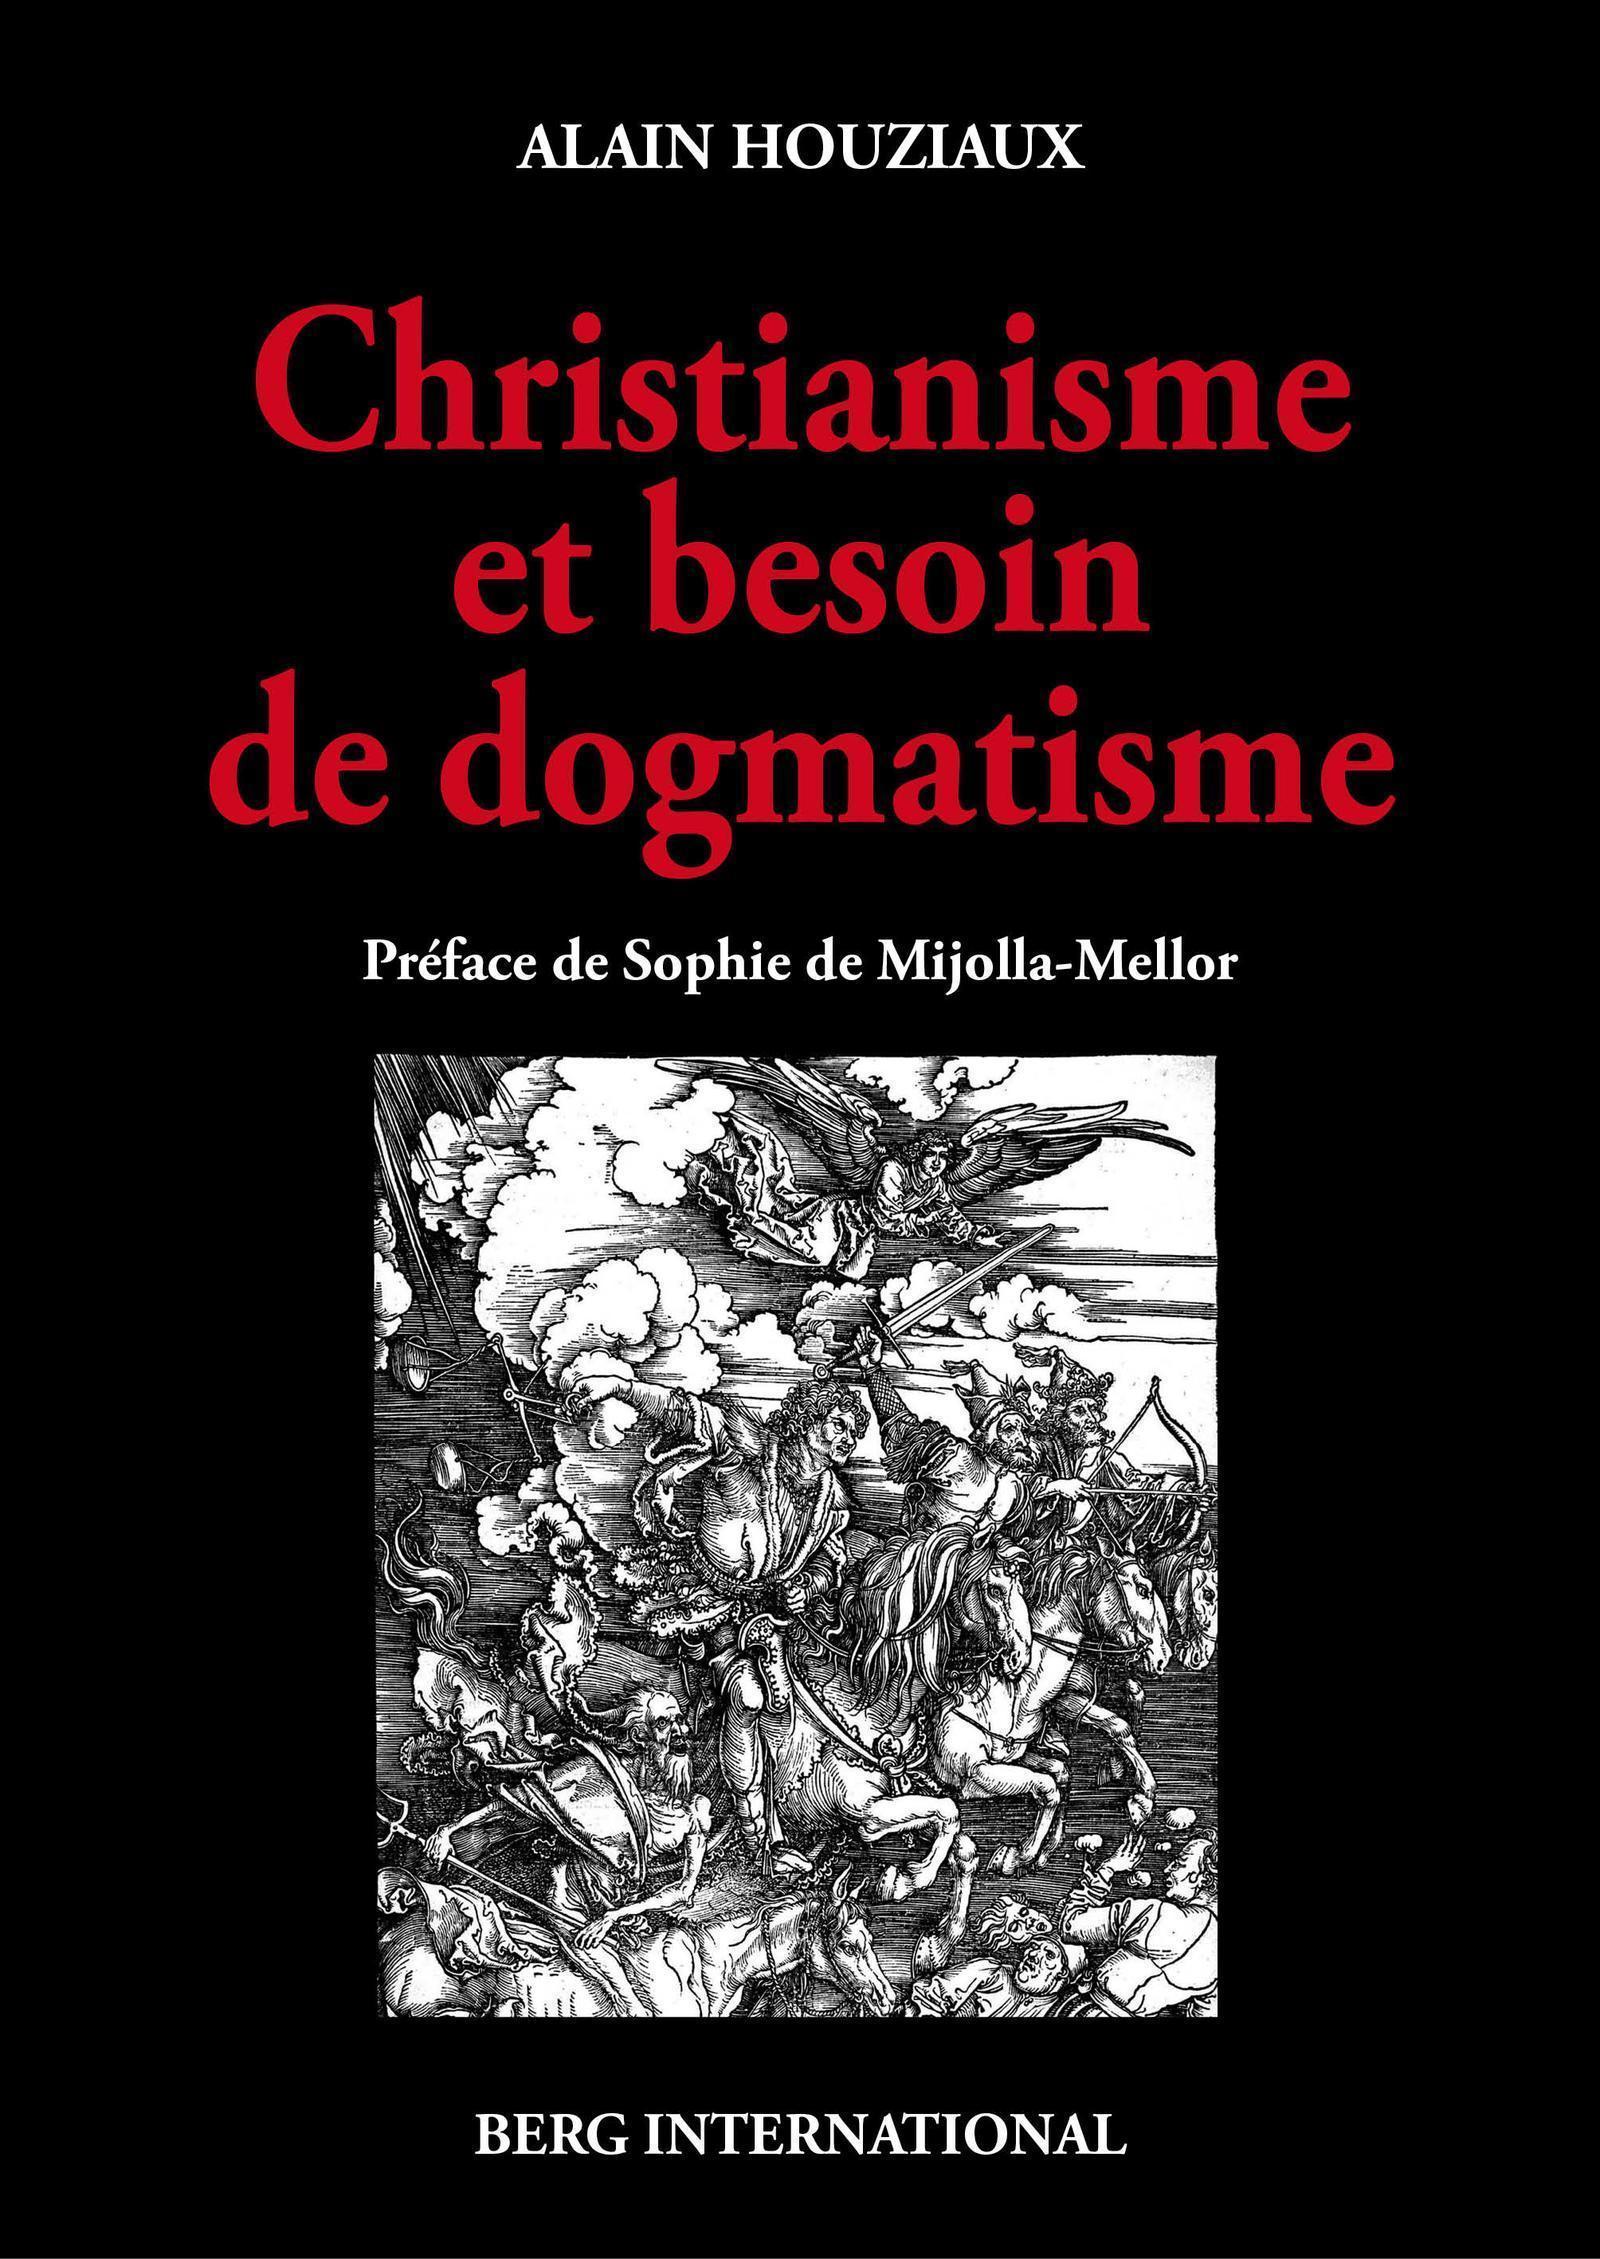 CHRISTIANISME ET BESOIN DE DOGMATISME UNE ANALYSE CRITIQUE